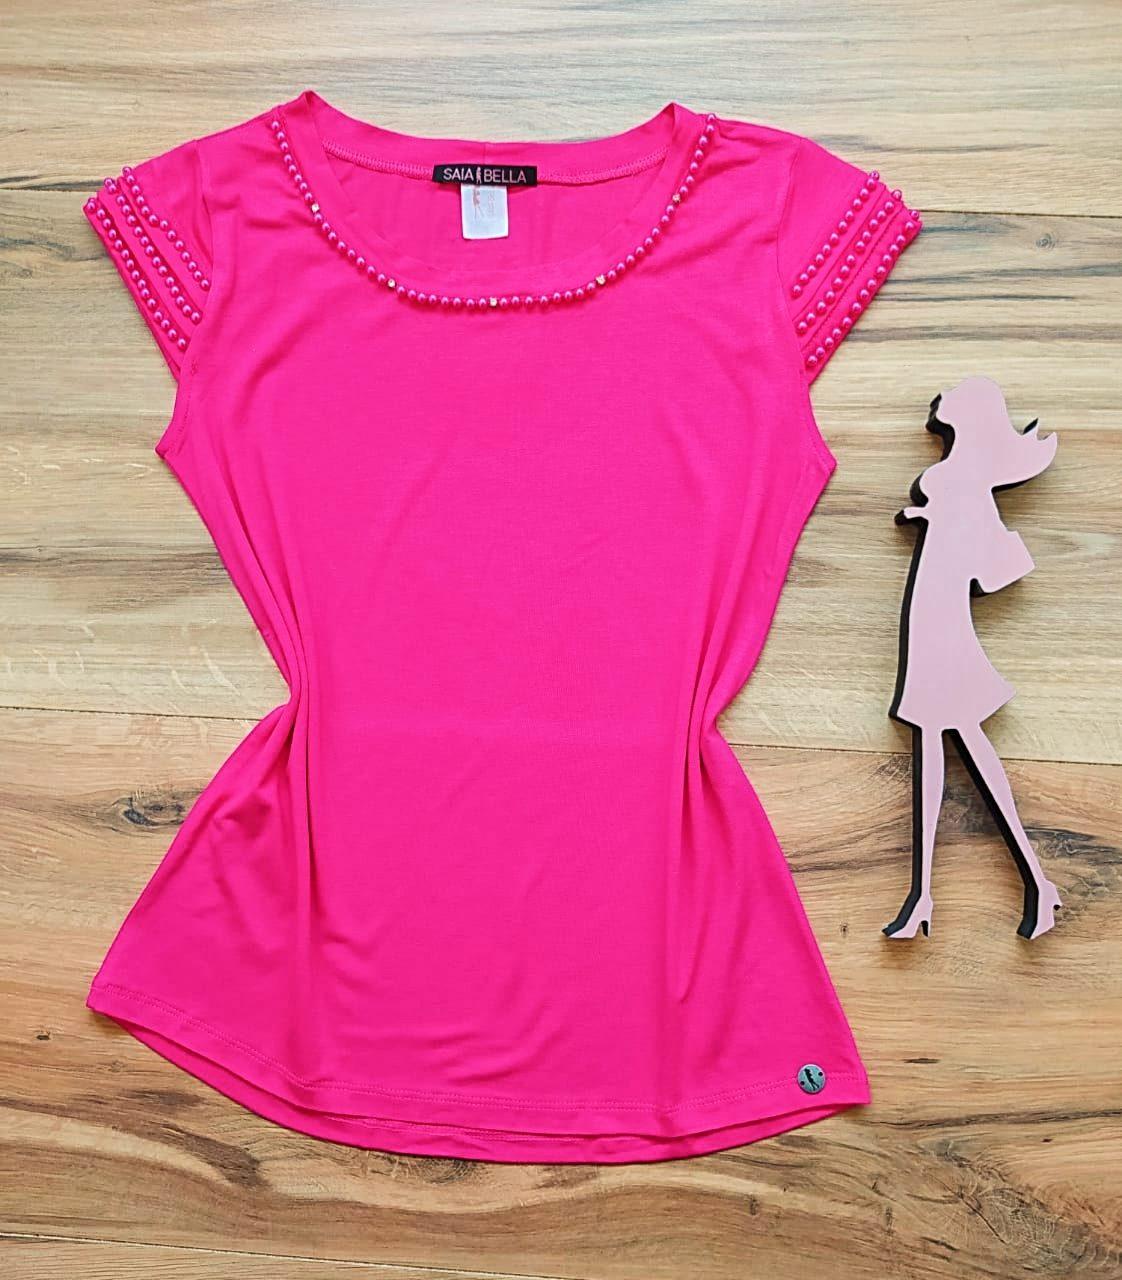 Blusa Raquel  Saia Bella - SB41255 Pink